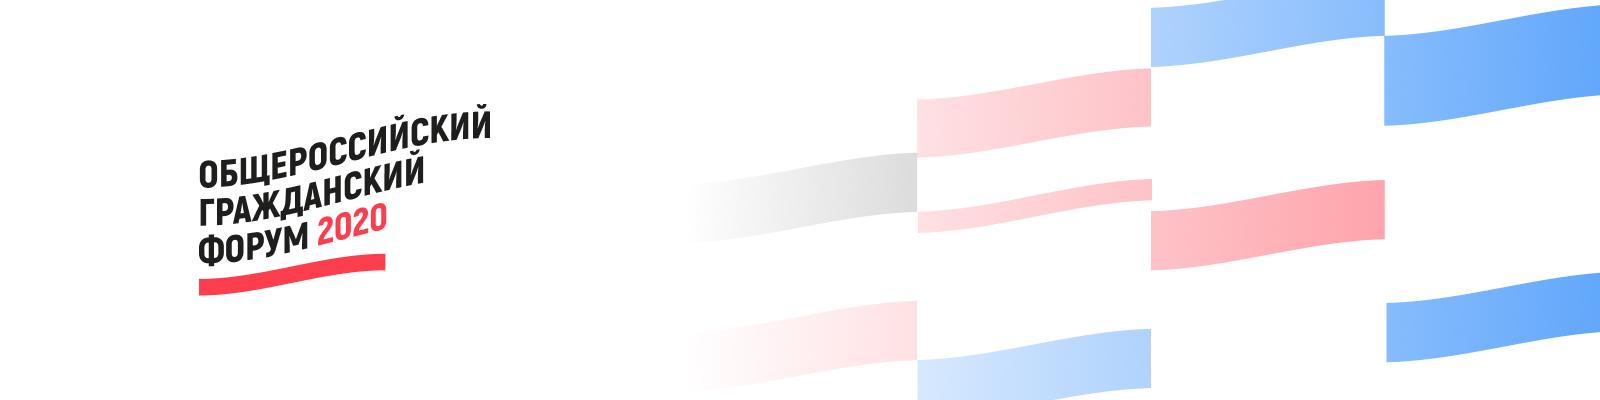 Сайт Форума